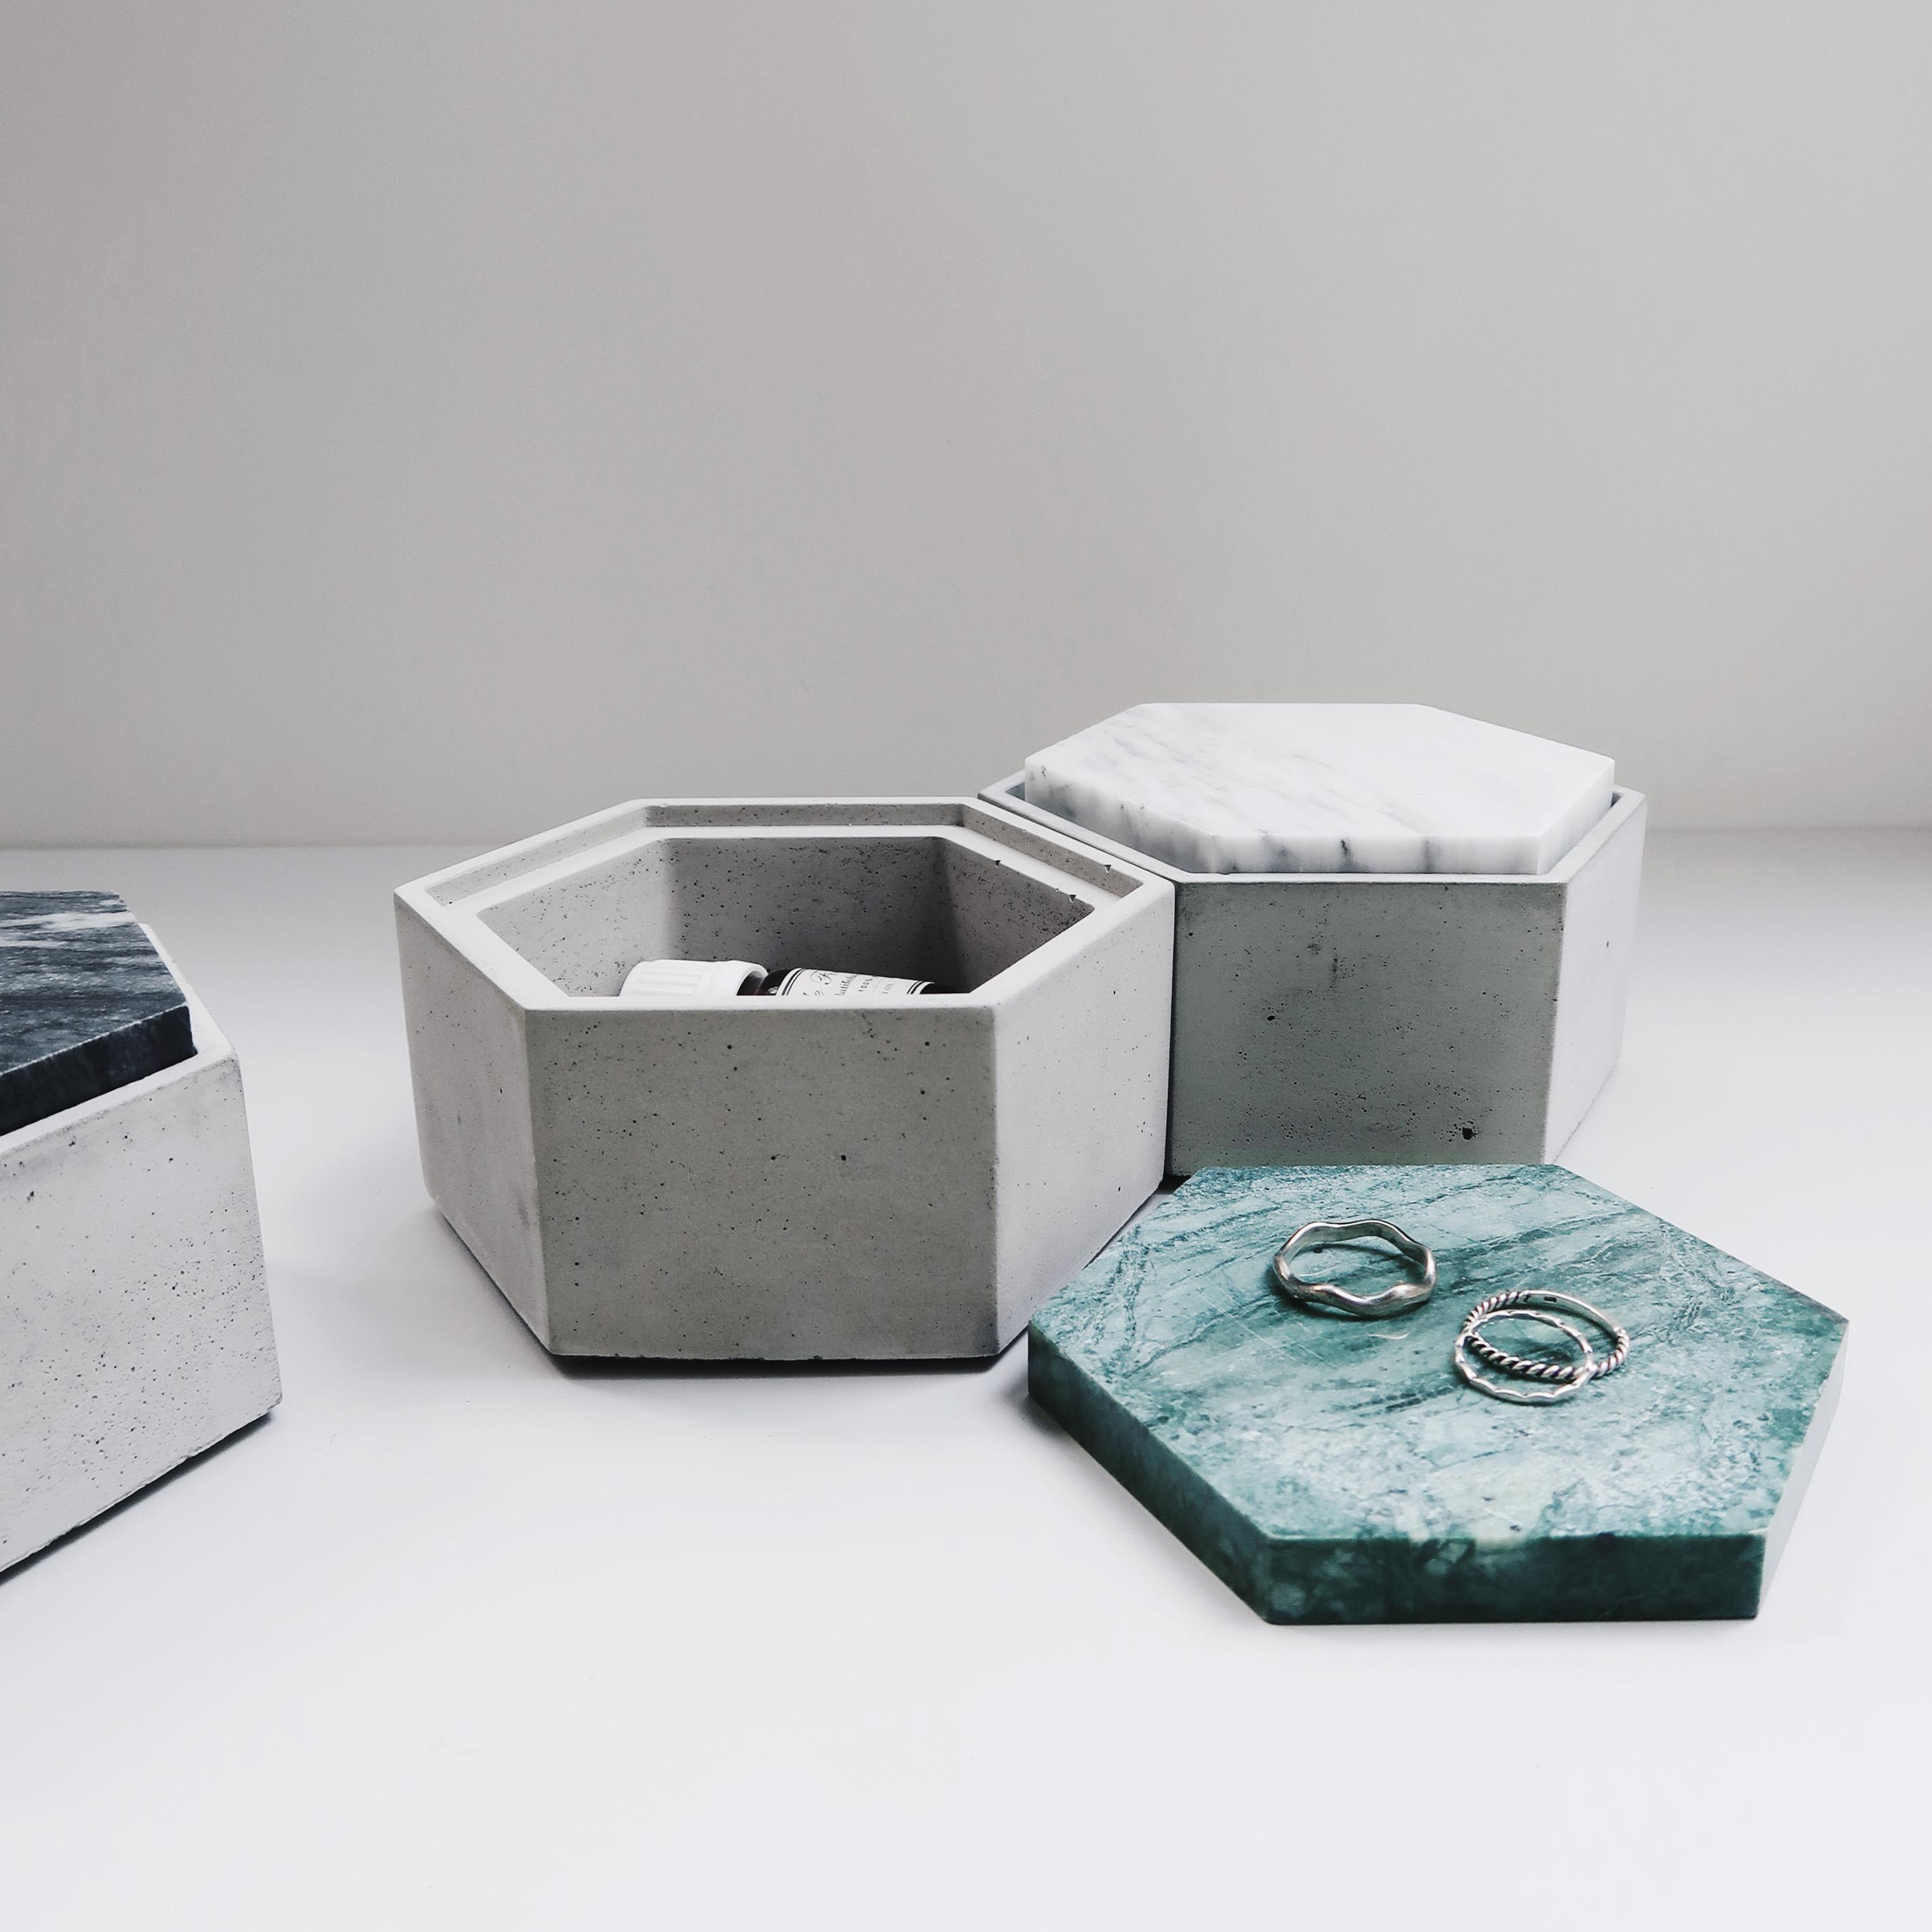 HOMEWARE 雲岩六角大理石蓋水泥收納容器・飾品盒・儲物盒